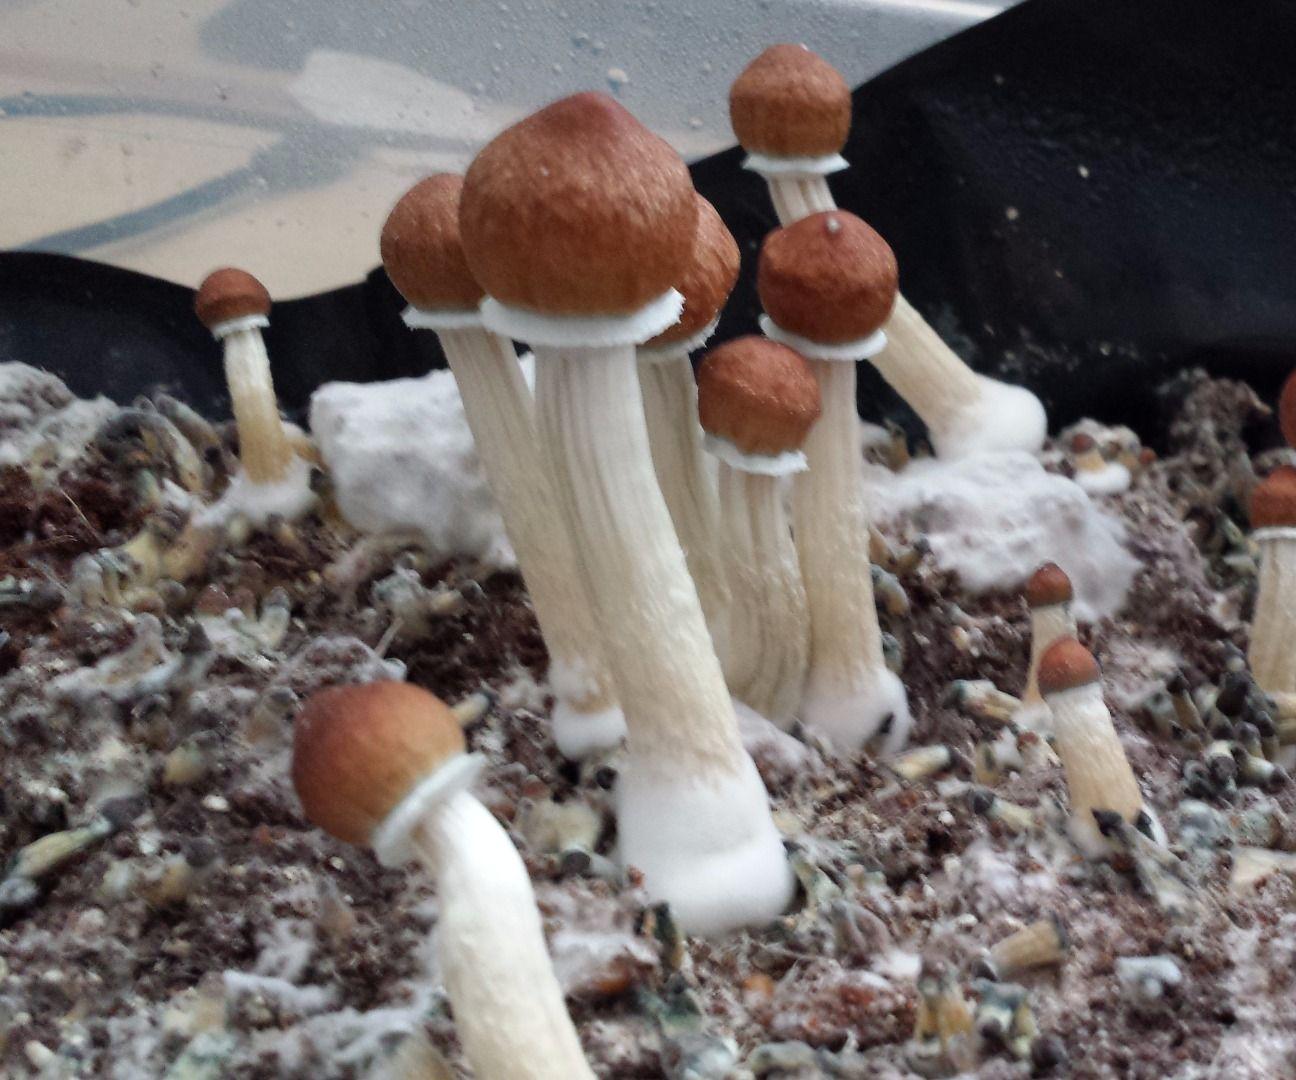 Beginner's Guide to Growing Mushrooms: 10 Steps